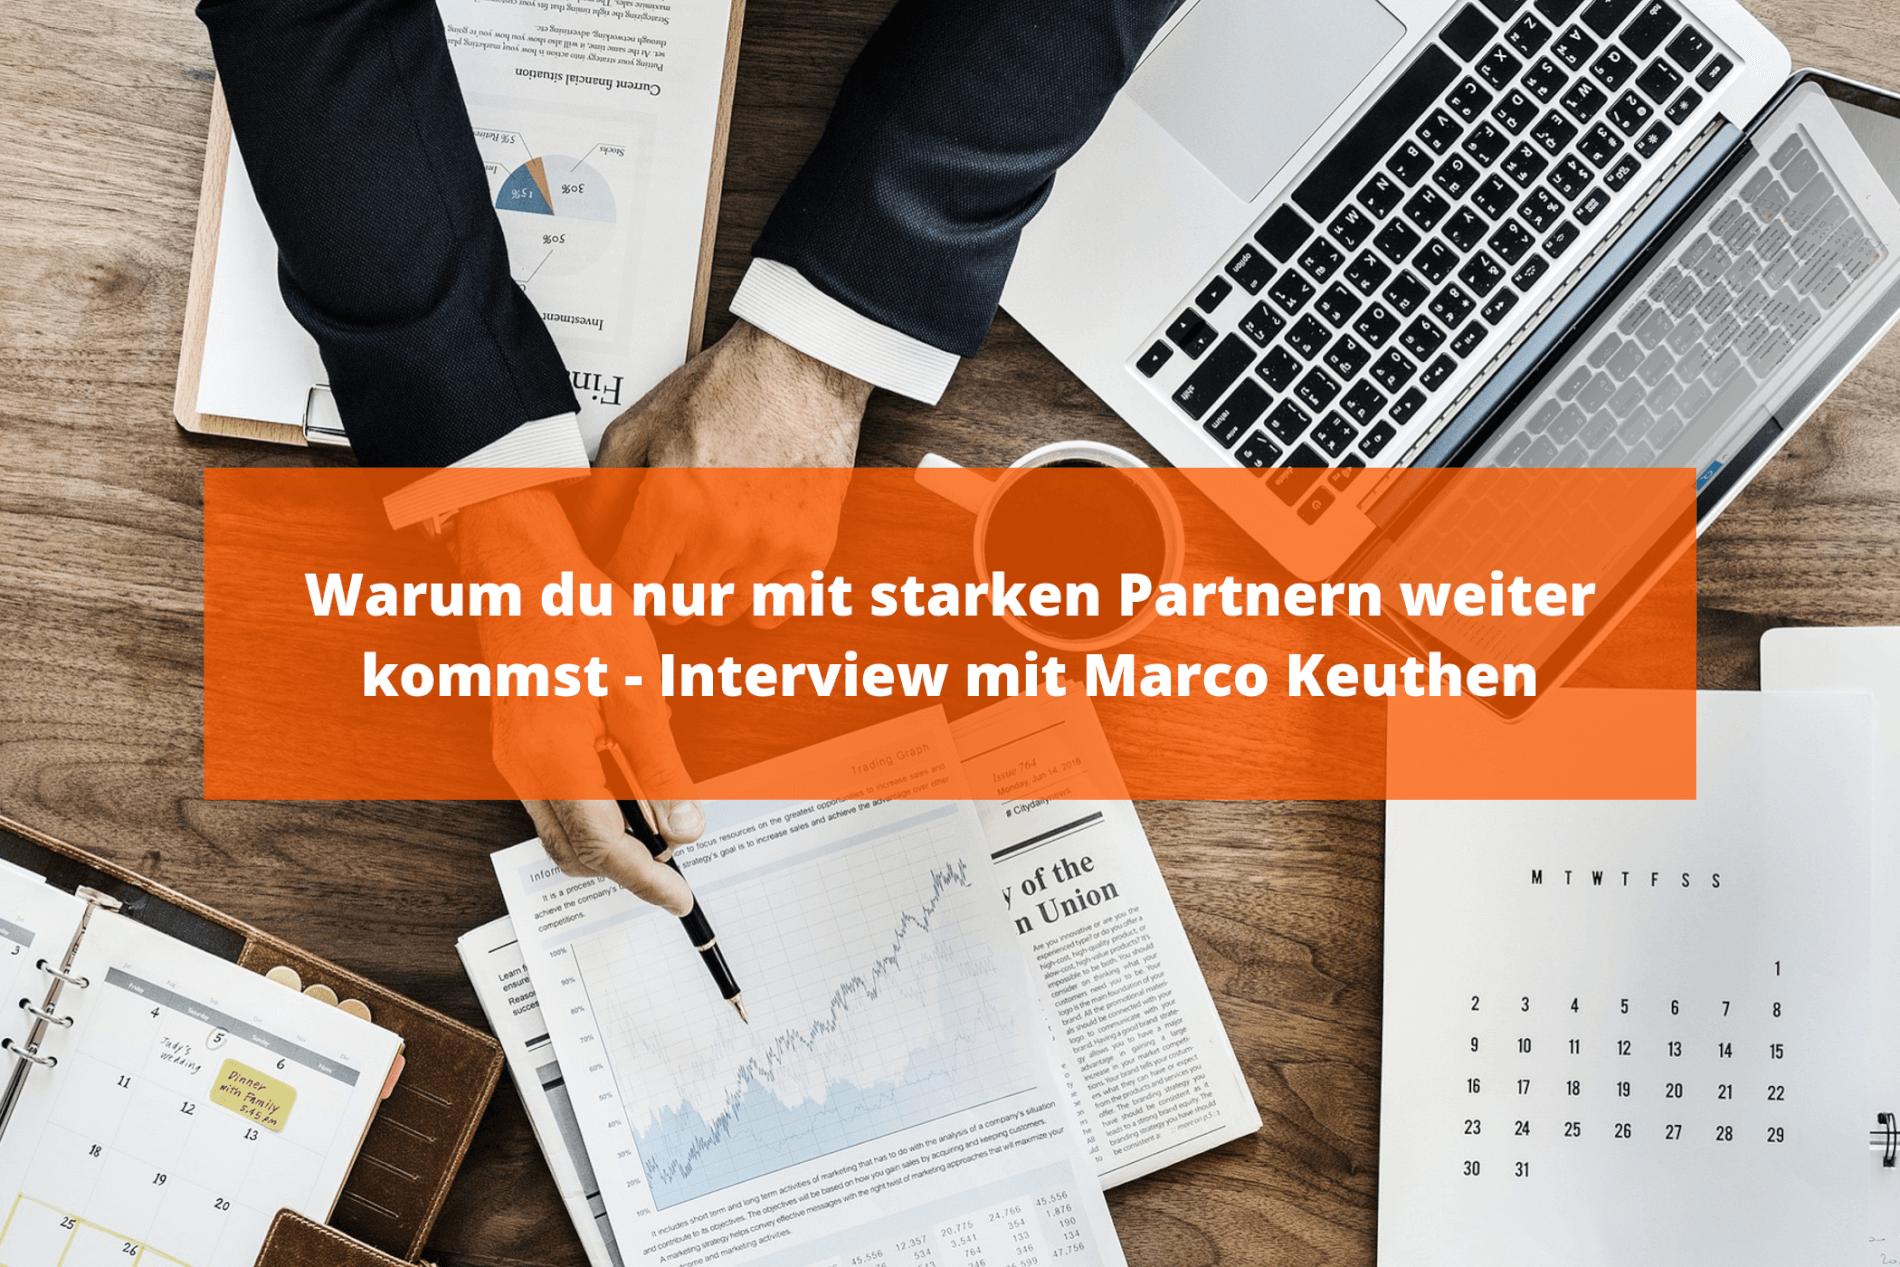 Warum du nur mit starken Partnern weiter kommst - Interview mit Marco Keuthen